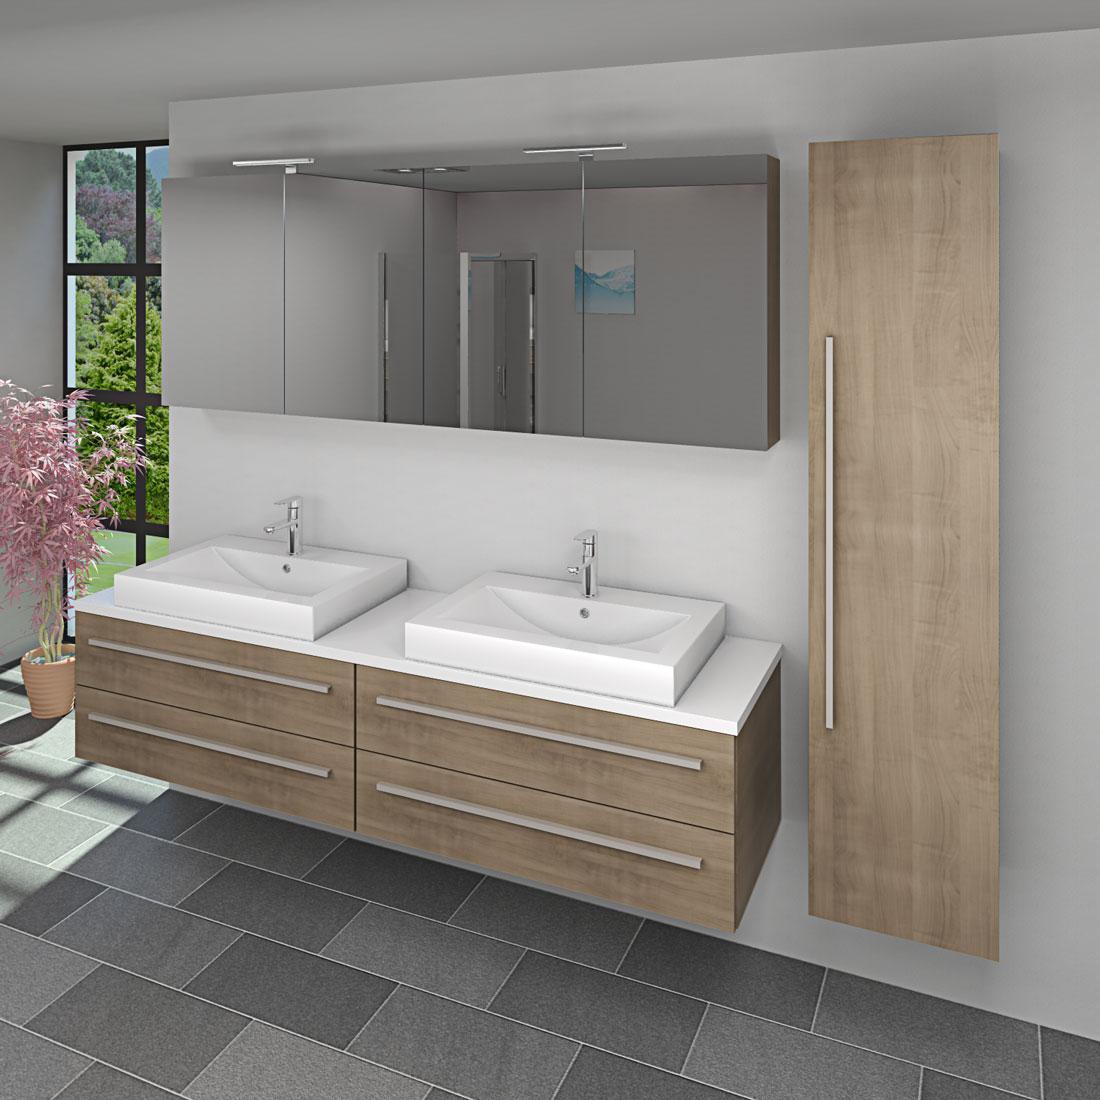 badm bel set city 201 v4 eiche hell badezimmerm bel waschtisch 200cm. Black Bedroom Furniture Sets. Home Design Ideas